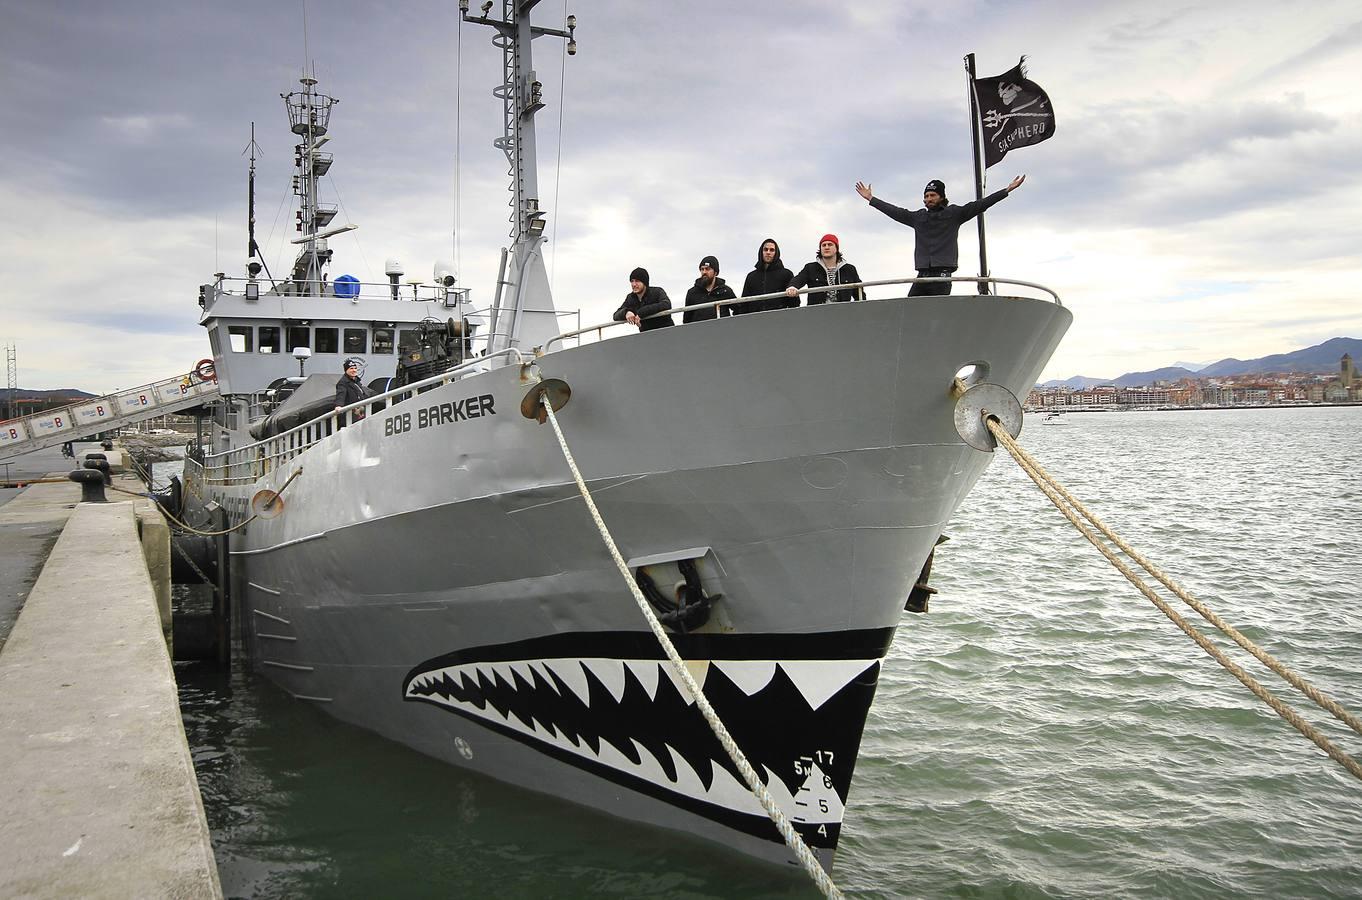 El barco ecológico 'Bob Barker' atraca en Getxo